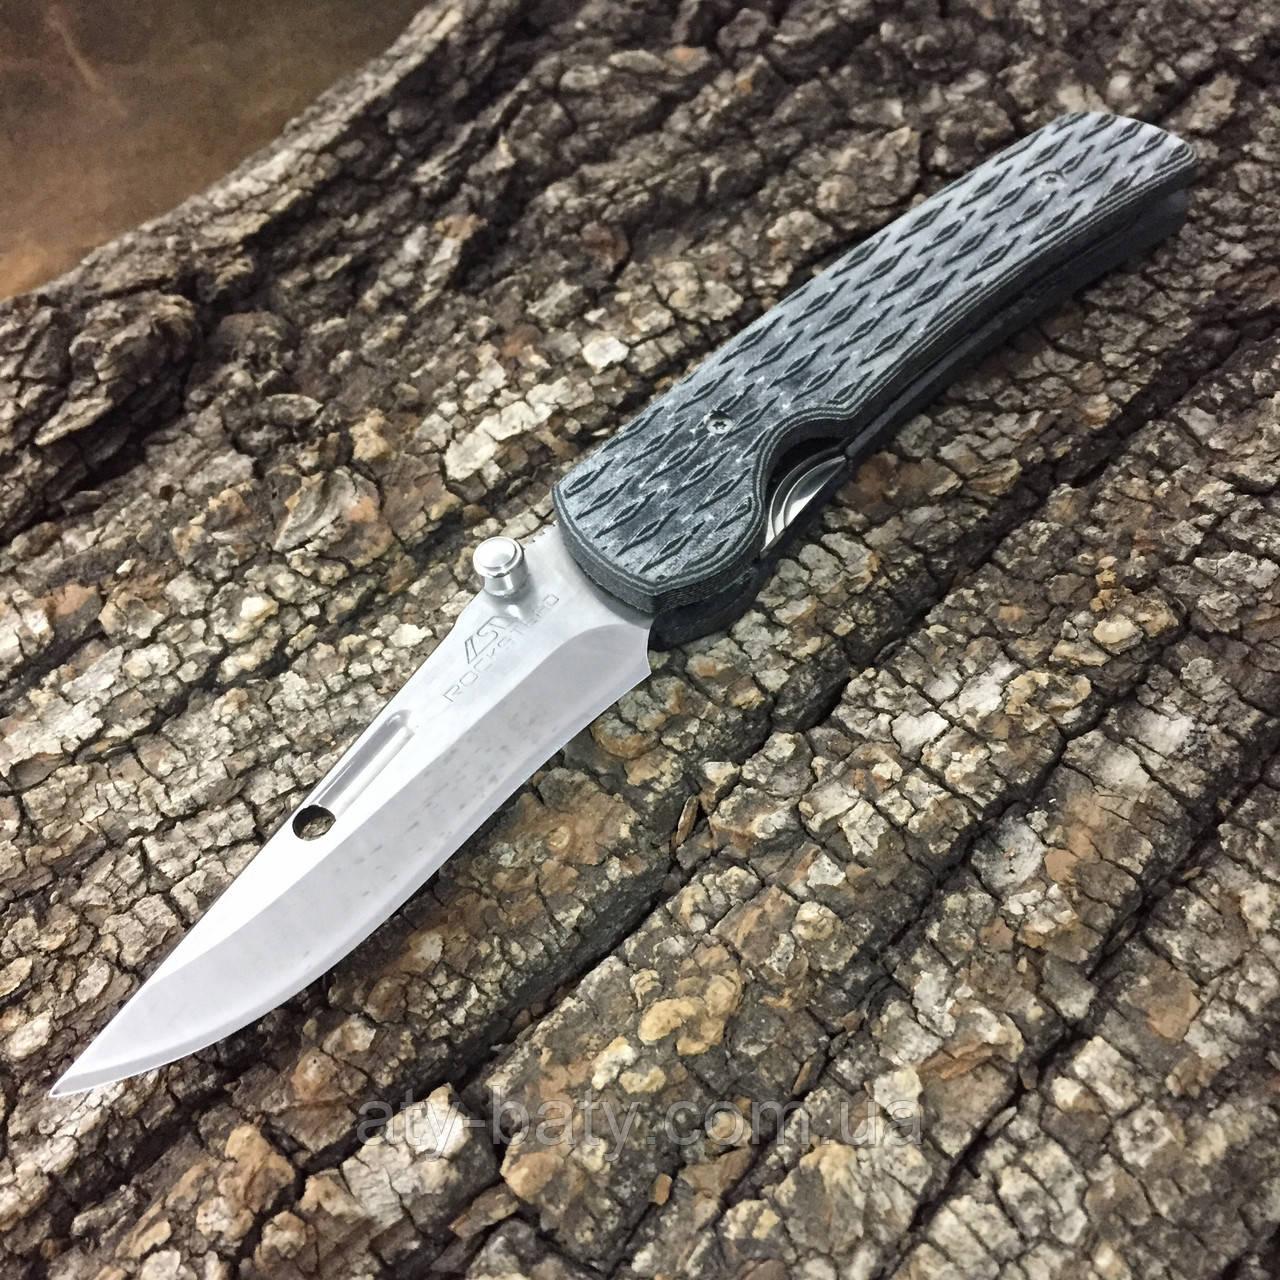 Нож Rockstead Higo MH-DLC (Реплика) Б/У